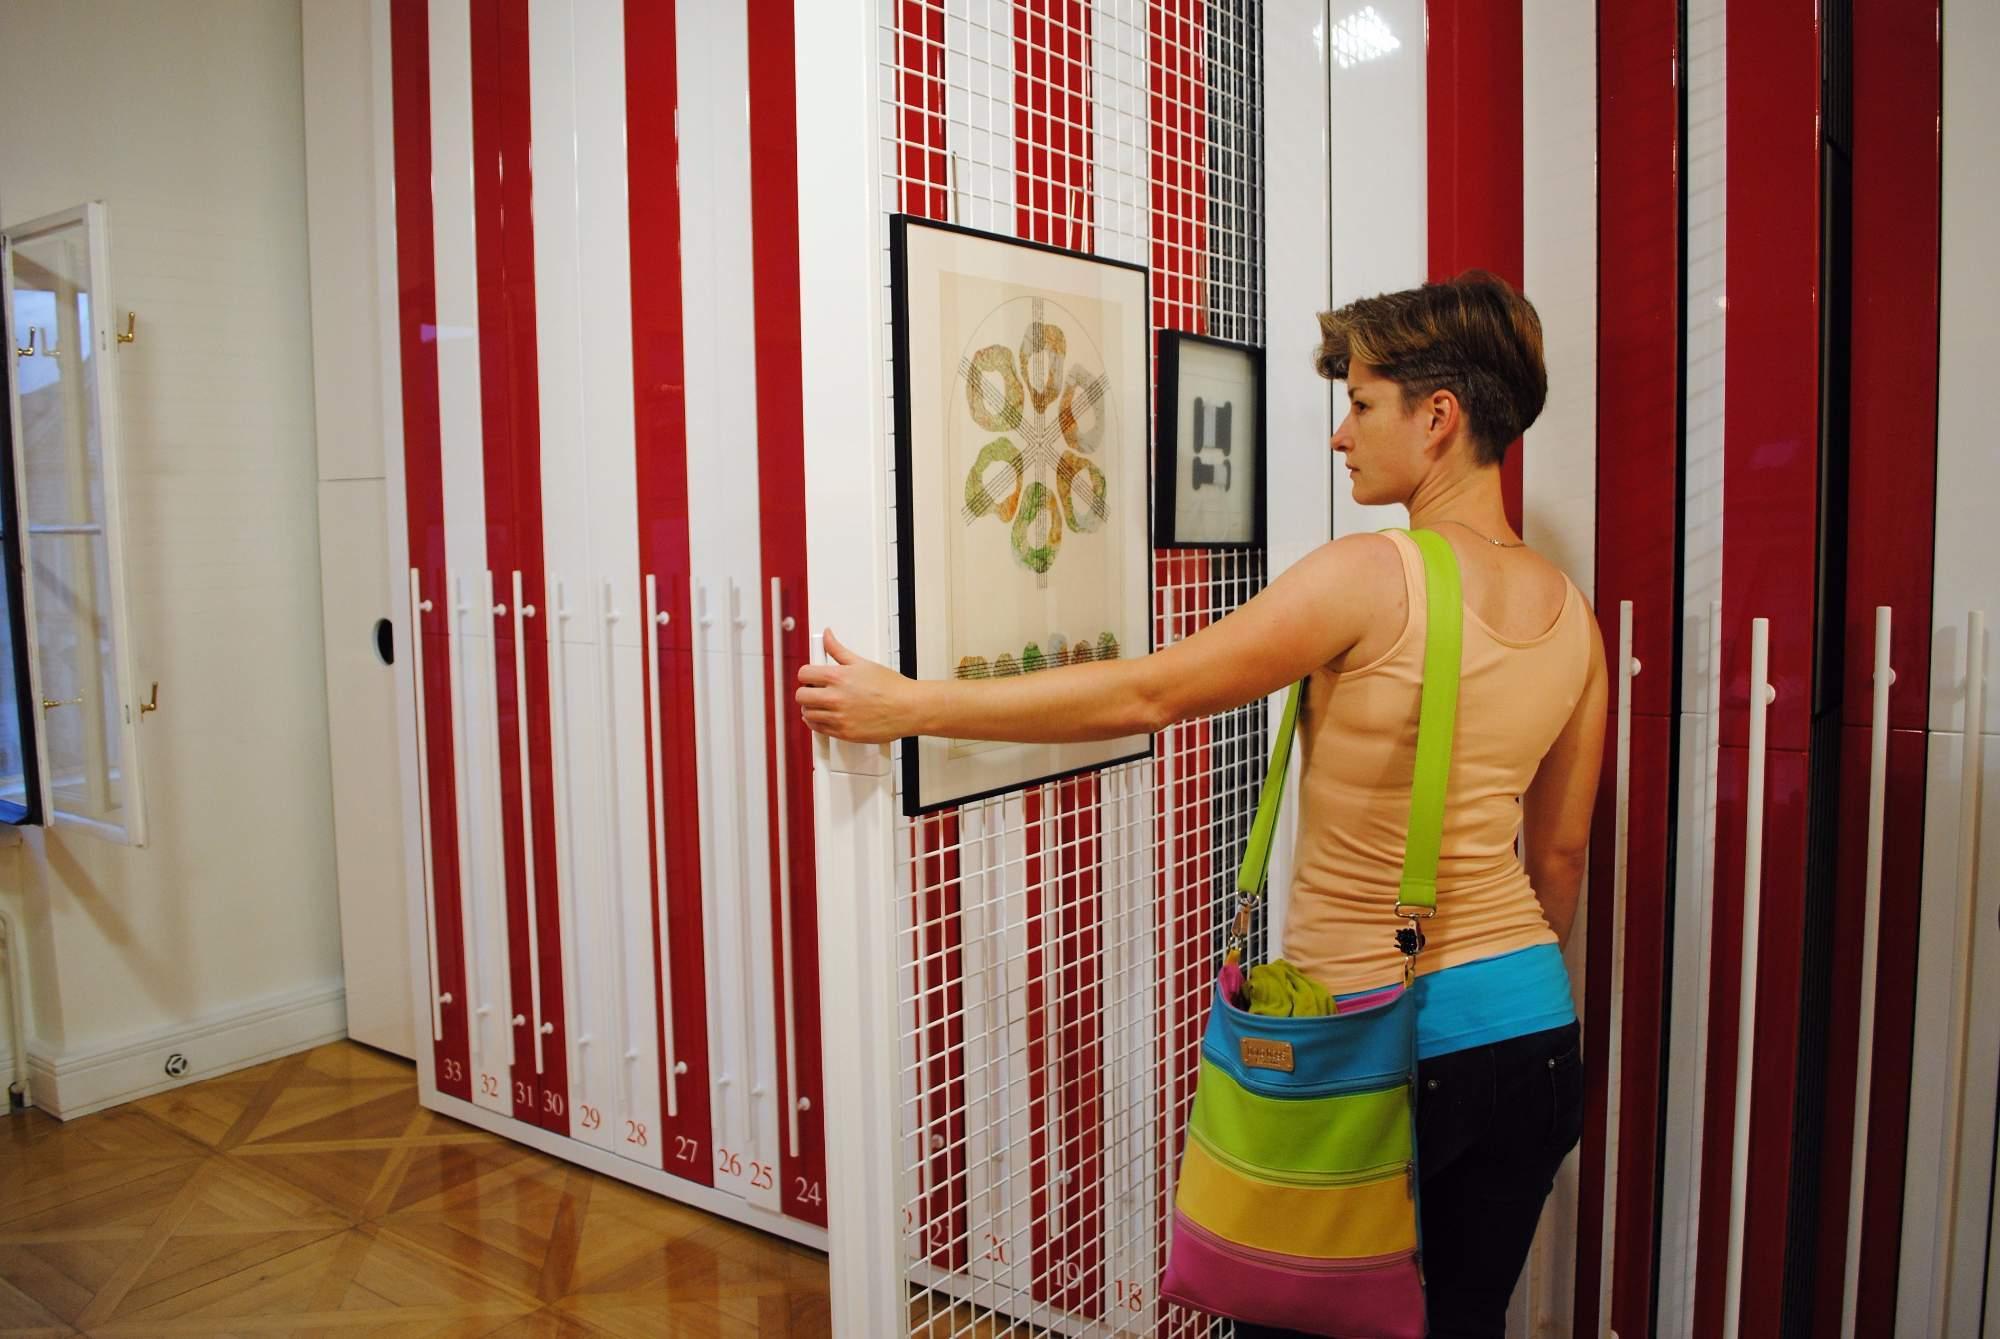 Návštěvnice si prohlíží, jaké obrazy jsou v nabídce. Foto: Barbora Ficbauerová